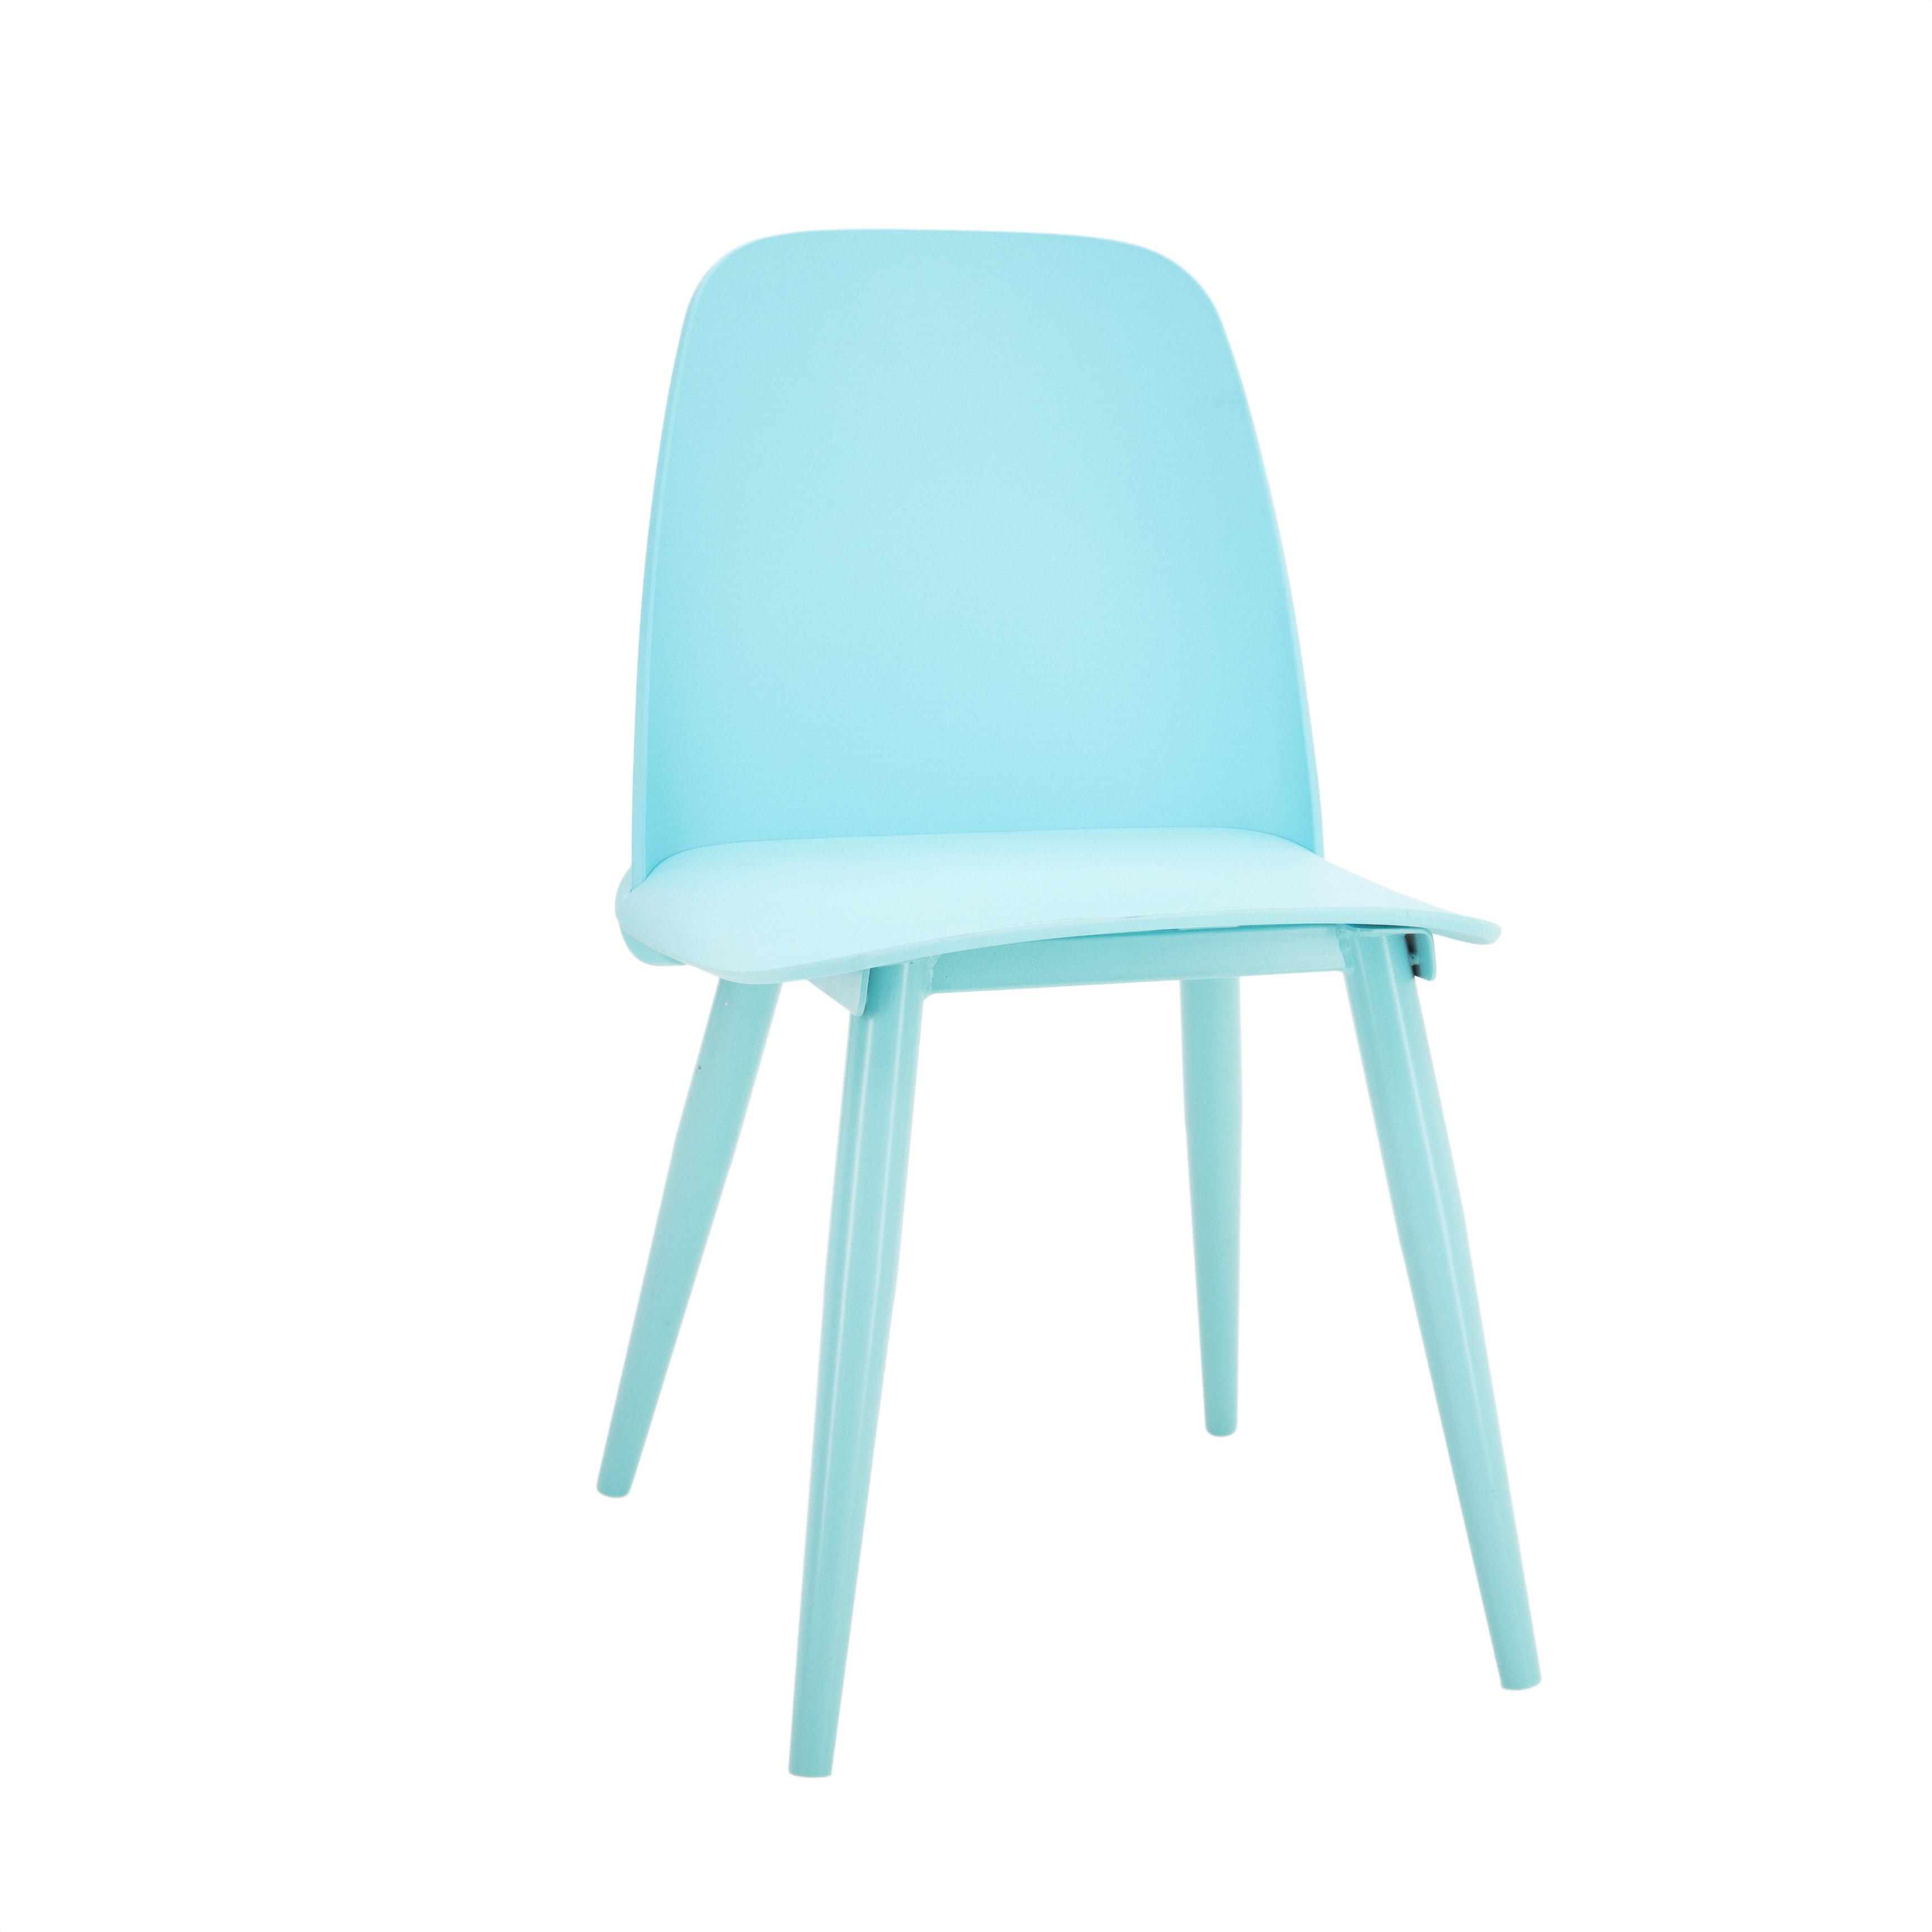 Купить Обеденный стул из дерева и пластика, inmyroom, Греция